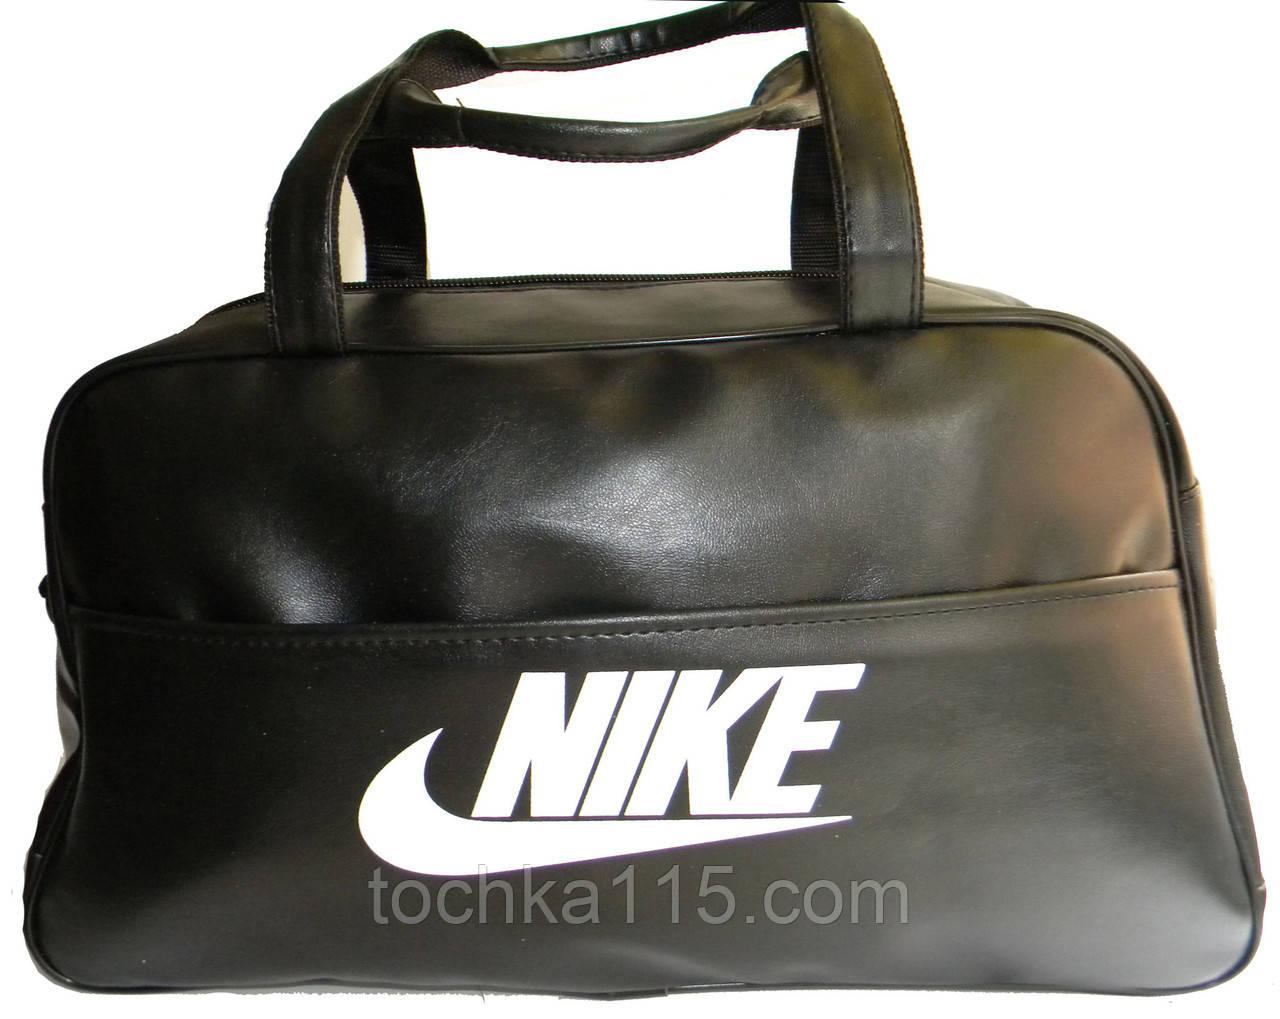 Дорожная сумка Nike, кожаная сумка, сумка мужская, сумка женская, спортивная сумка  реплика